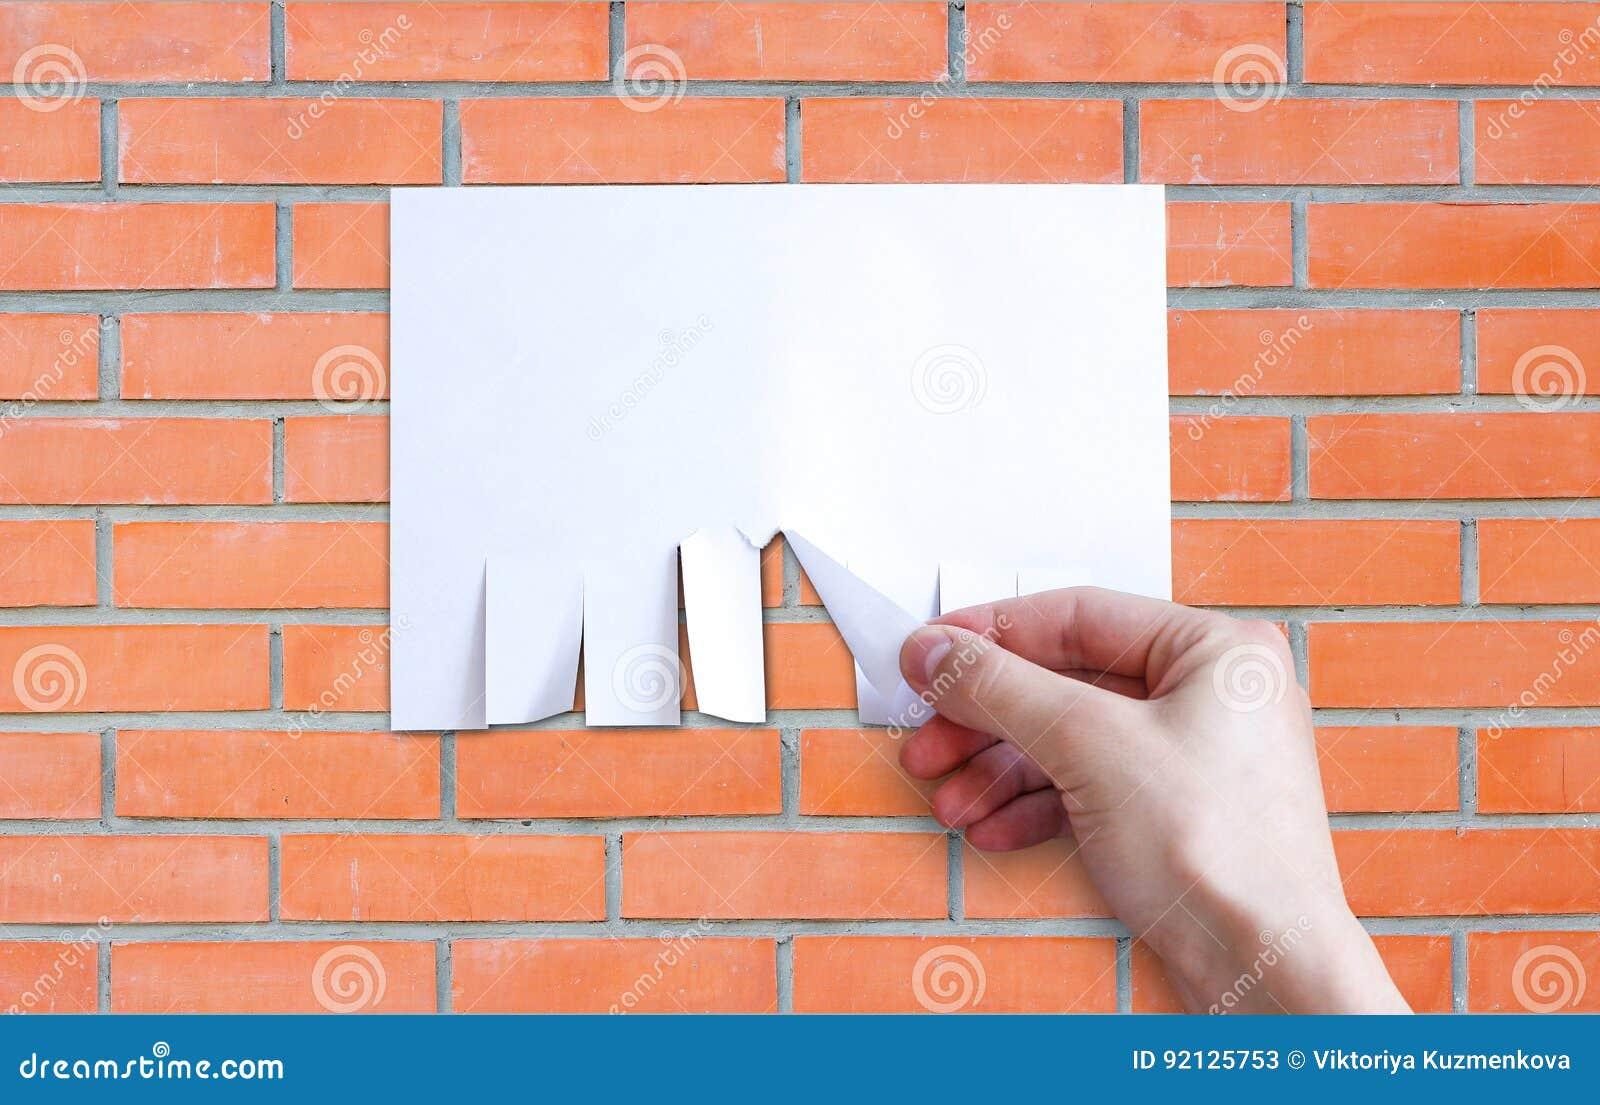 La main tire un morceau de papier Isolat de papier vide de feuilles d annonce